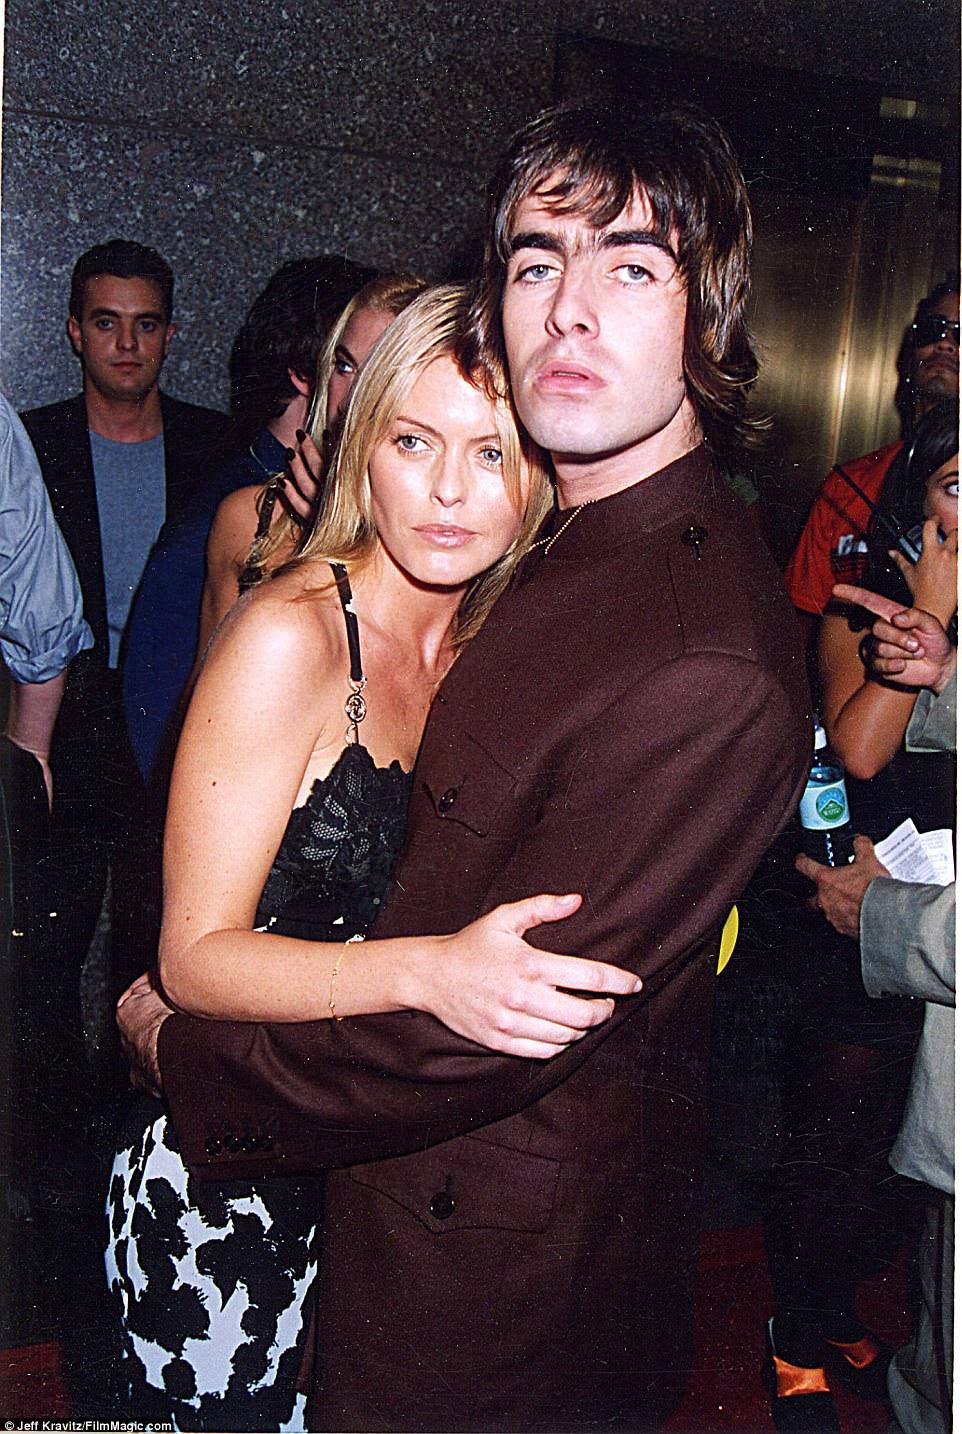 Uma confusão: Lisa concebeu Molly apenas semanas depois de Gallagher casar com a primeira esposa Patsy Kensit (foto com o rocker em 1996) - Liam e ex Patsy compartilham o filho Lennon, de 17 anos